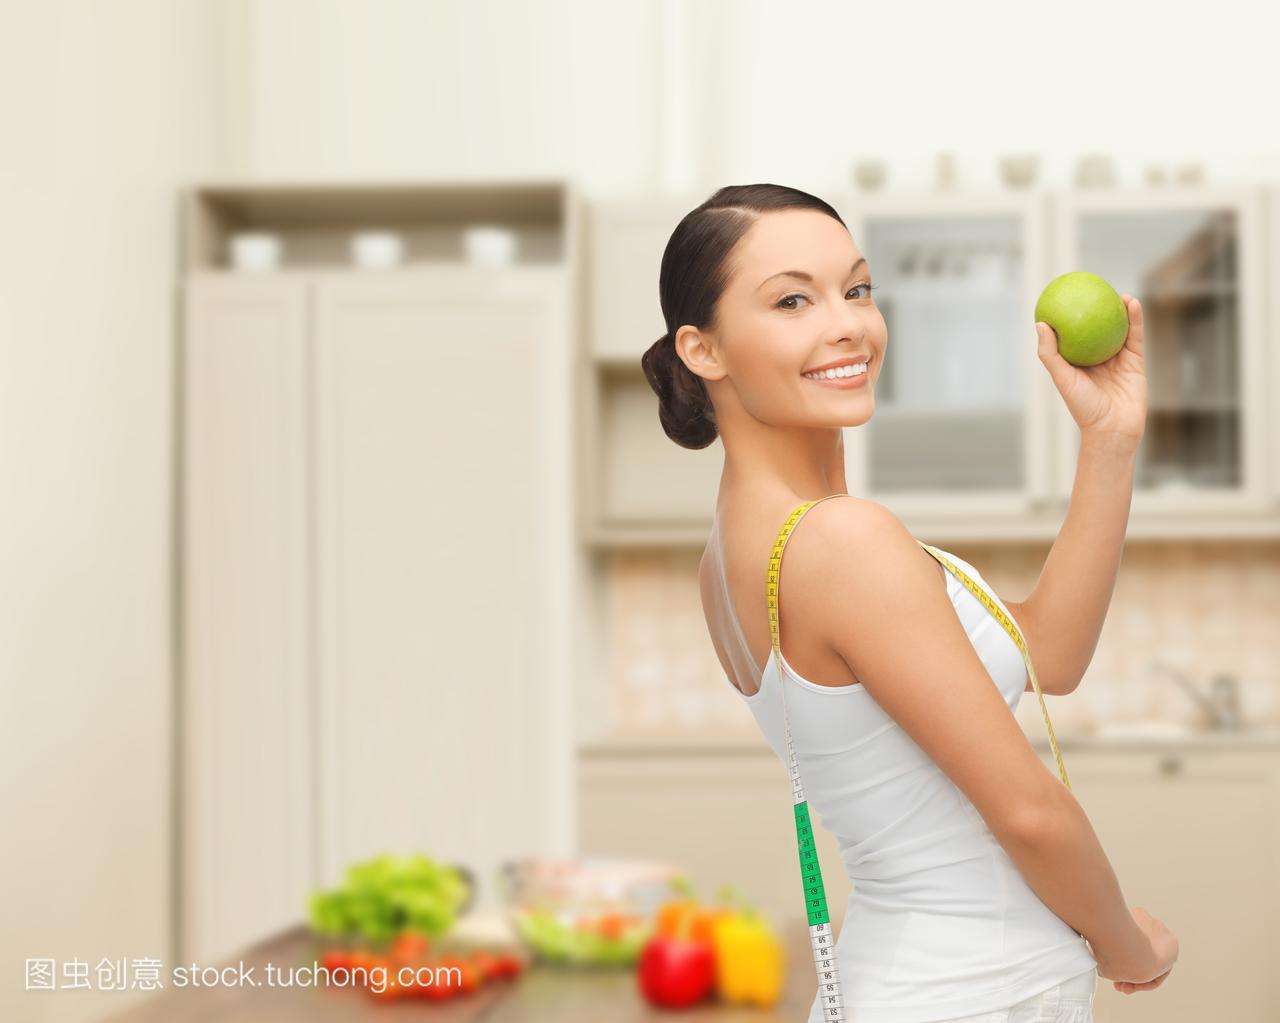 丽,有机,饮食,家,运动员,新鲜,减肥,家庭健身,美,